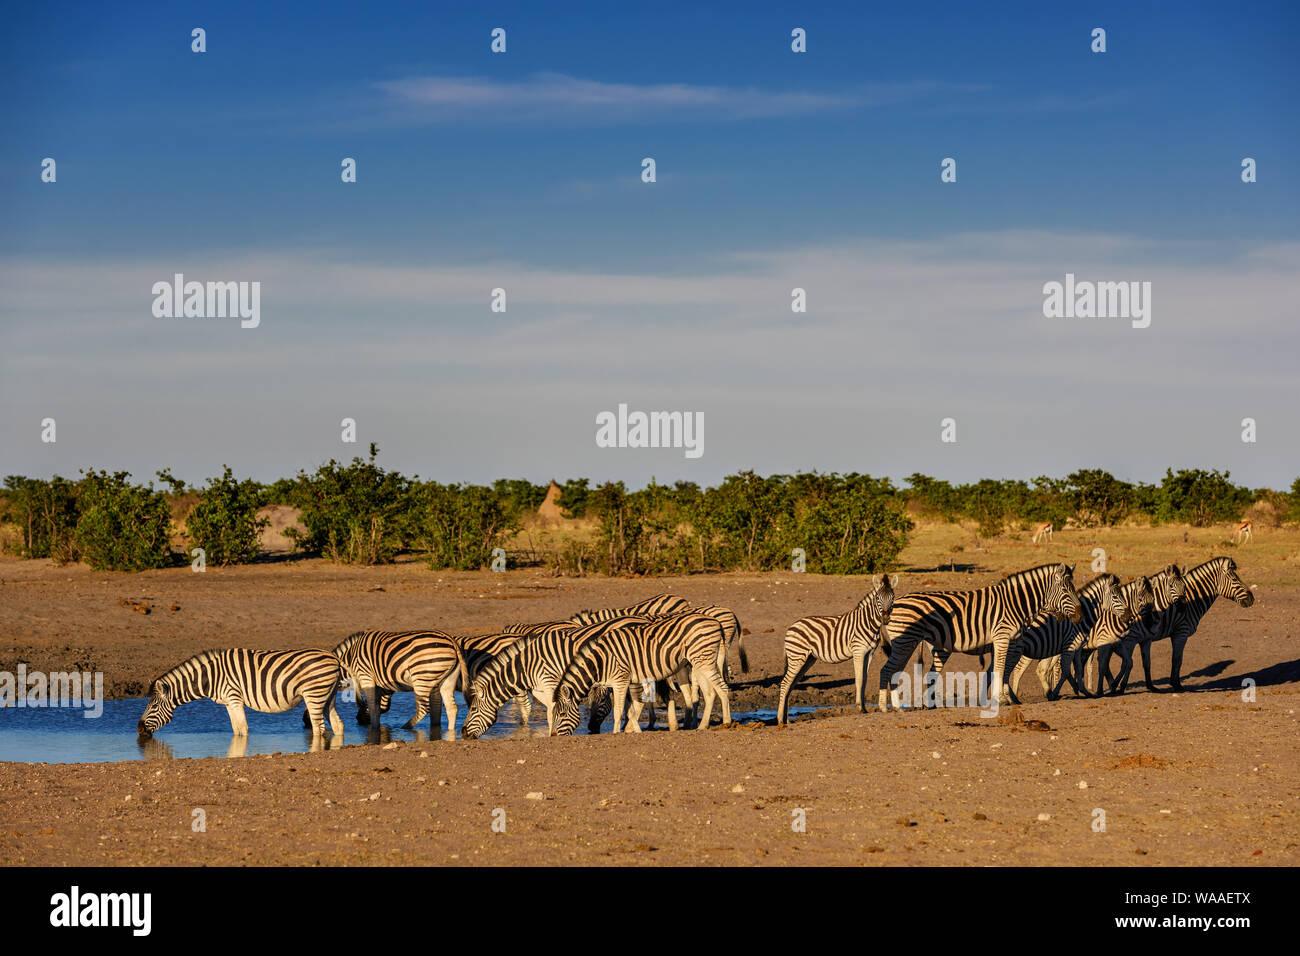 Plains Zebra - Equus quagga; large popular horse like animal from African savannas; Etosha National Park; Namibia Stock Photo